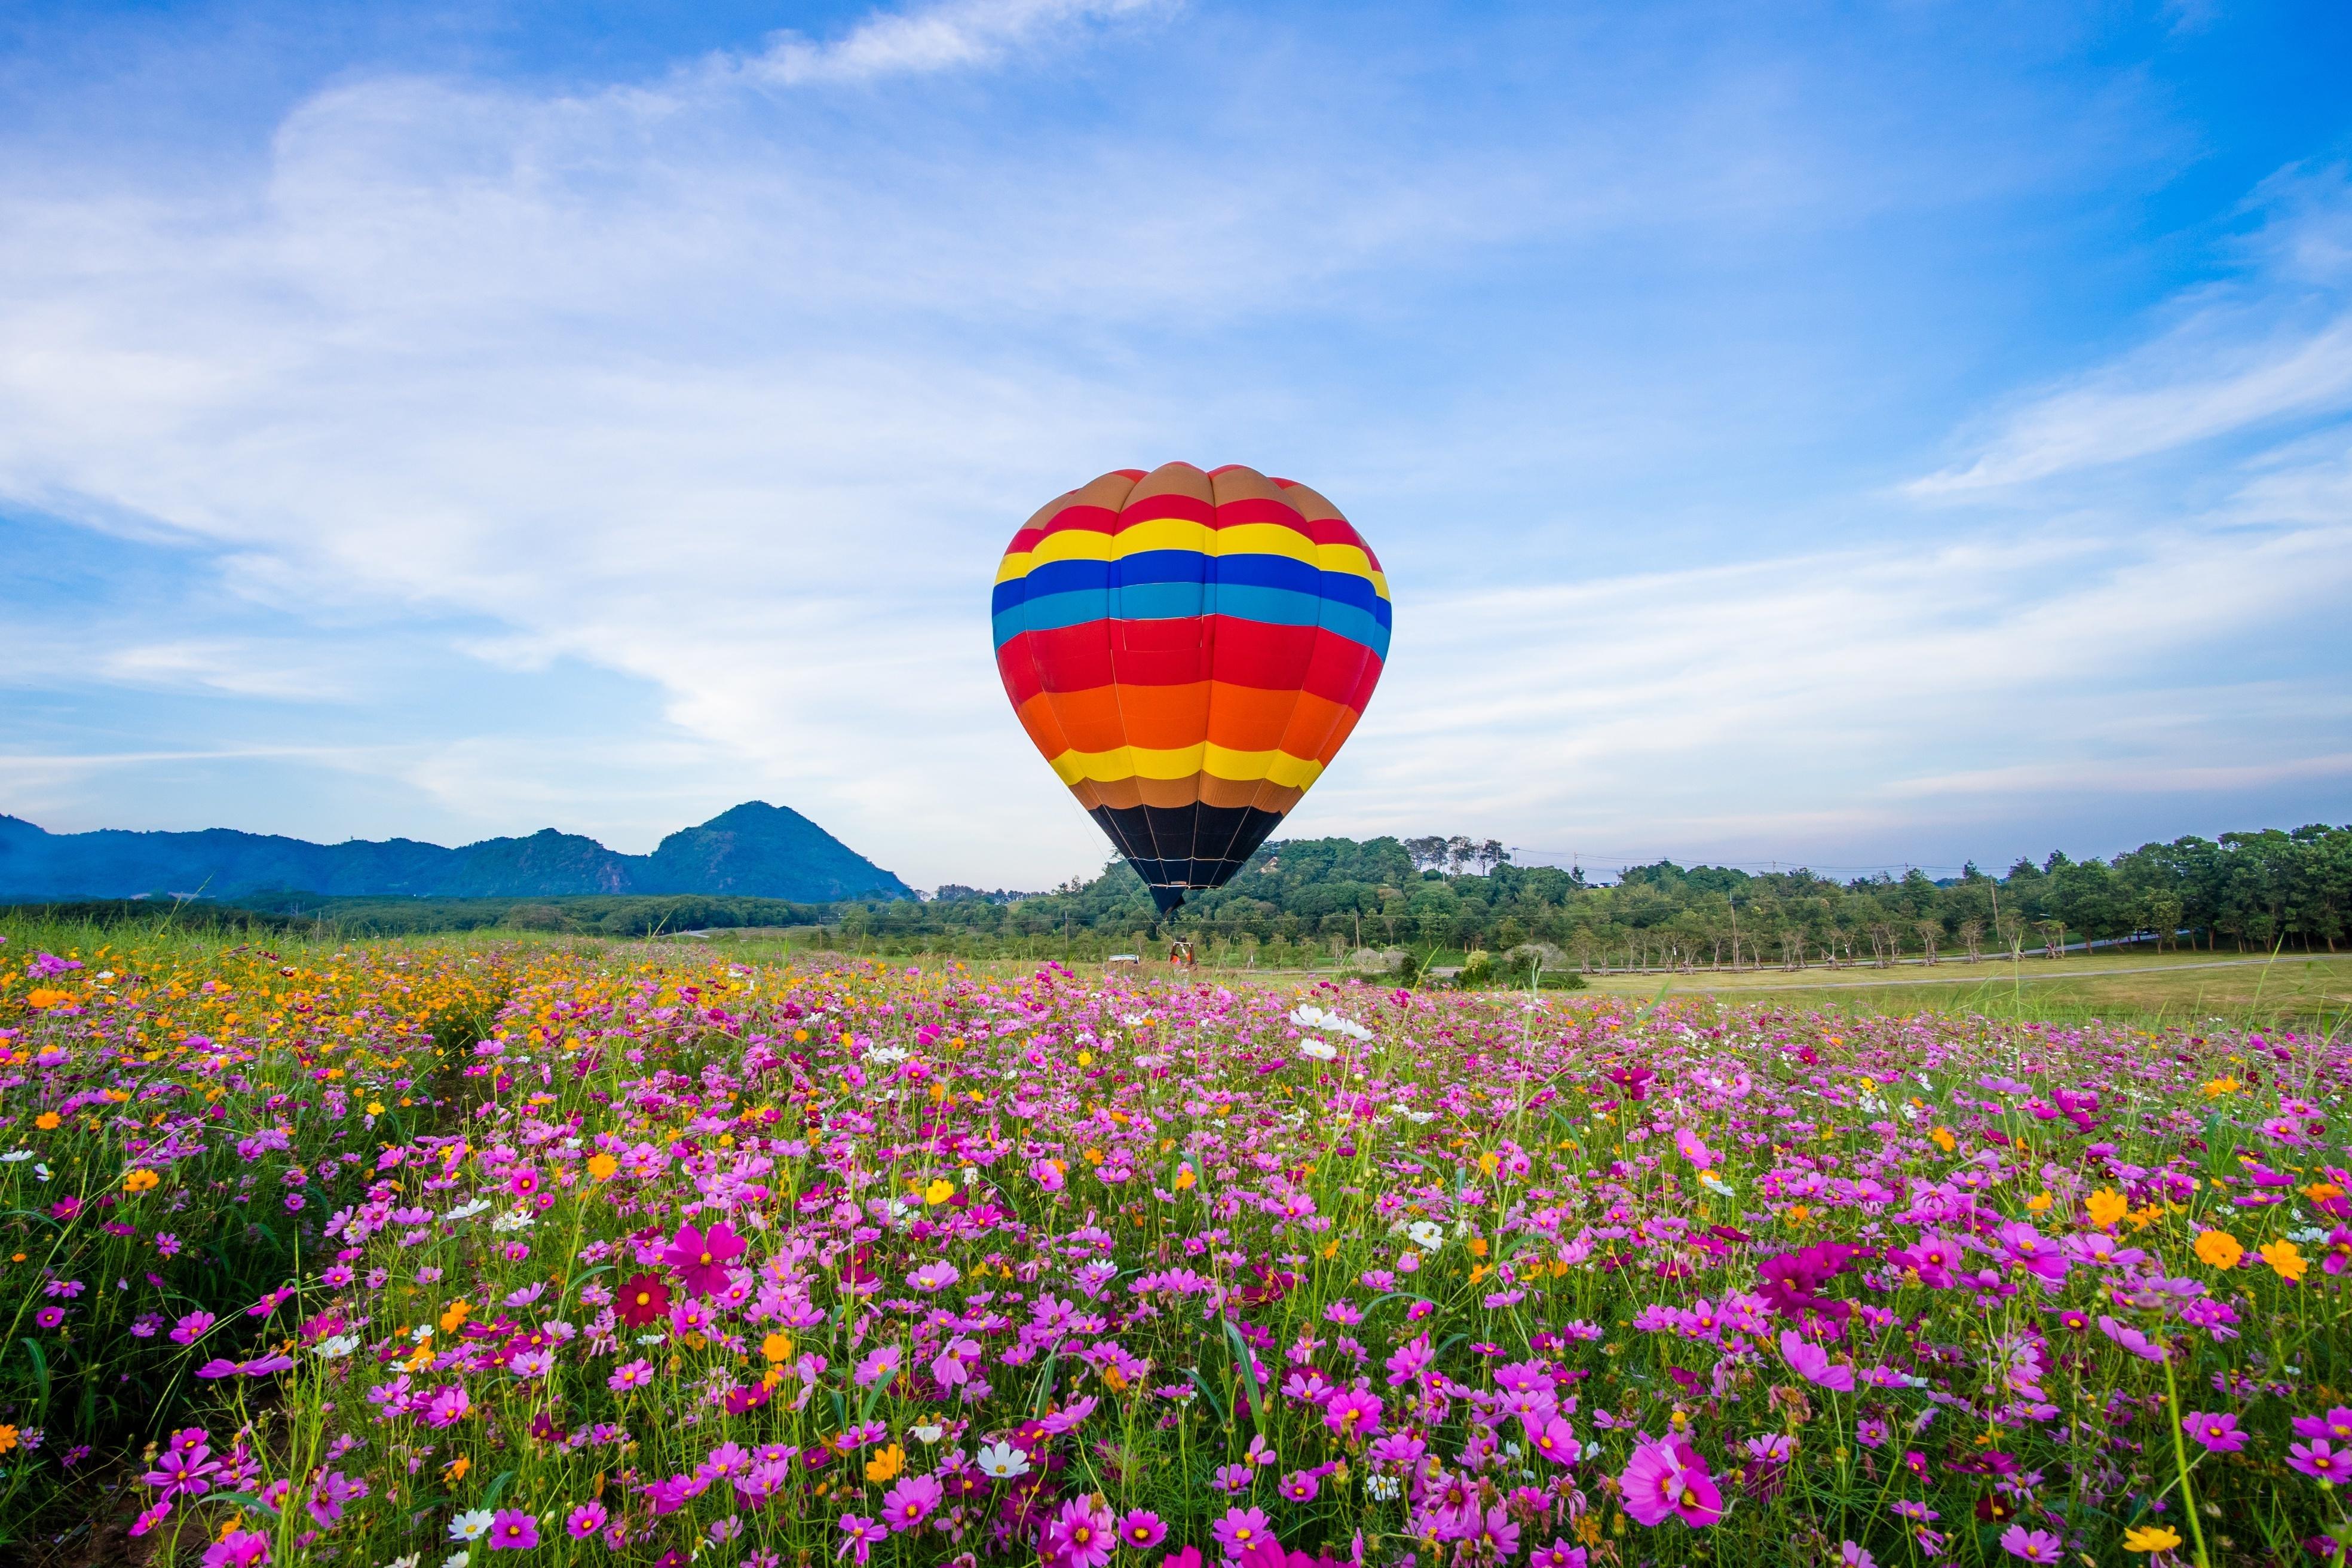 Картинки полеты над полем с цветами